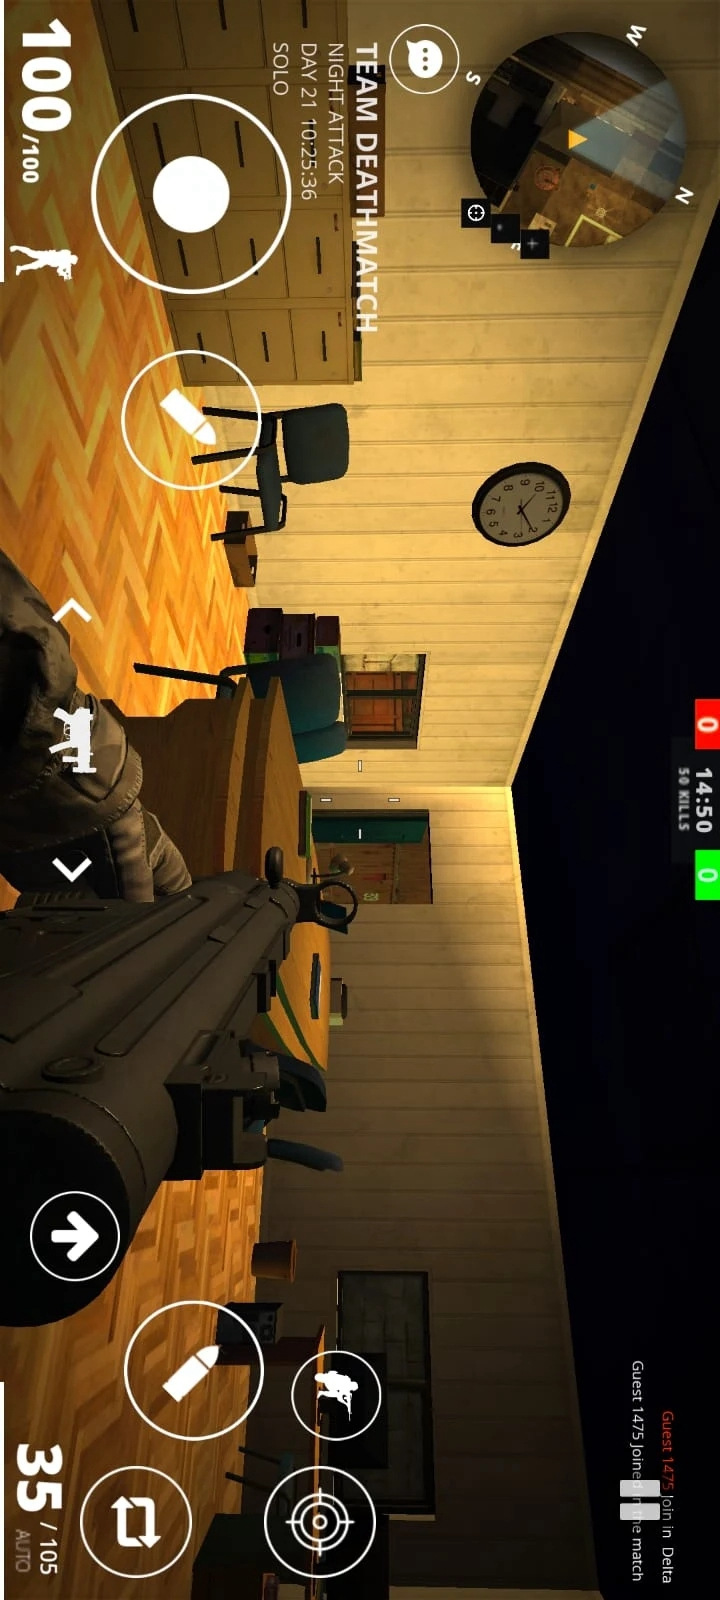 反恐:致命一击游戏截图